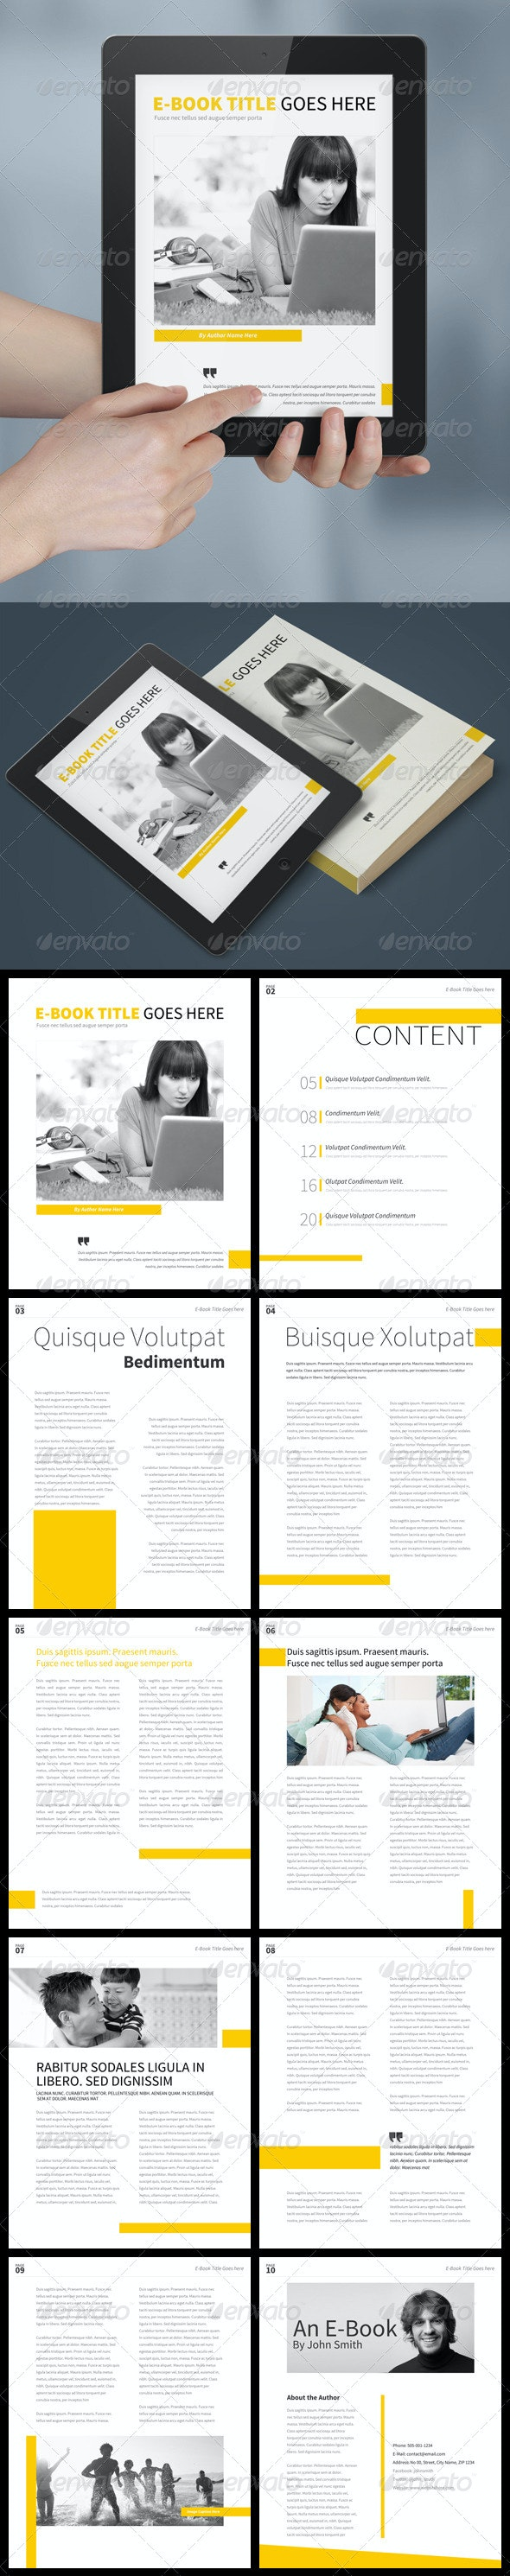 Simple E-Book Template - Digital Books ePublishing